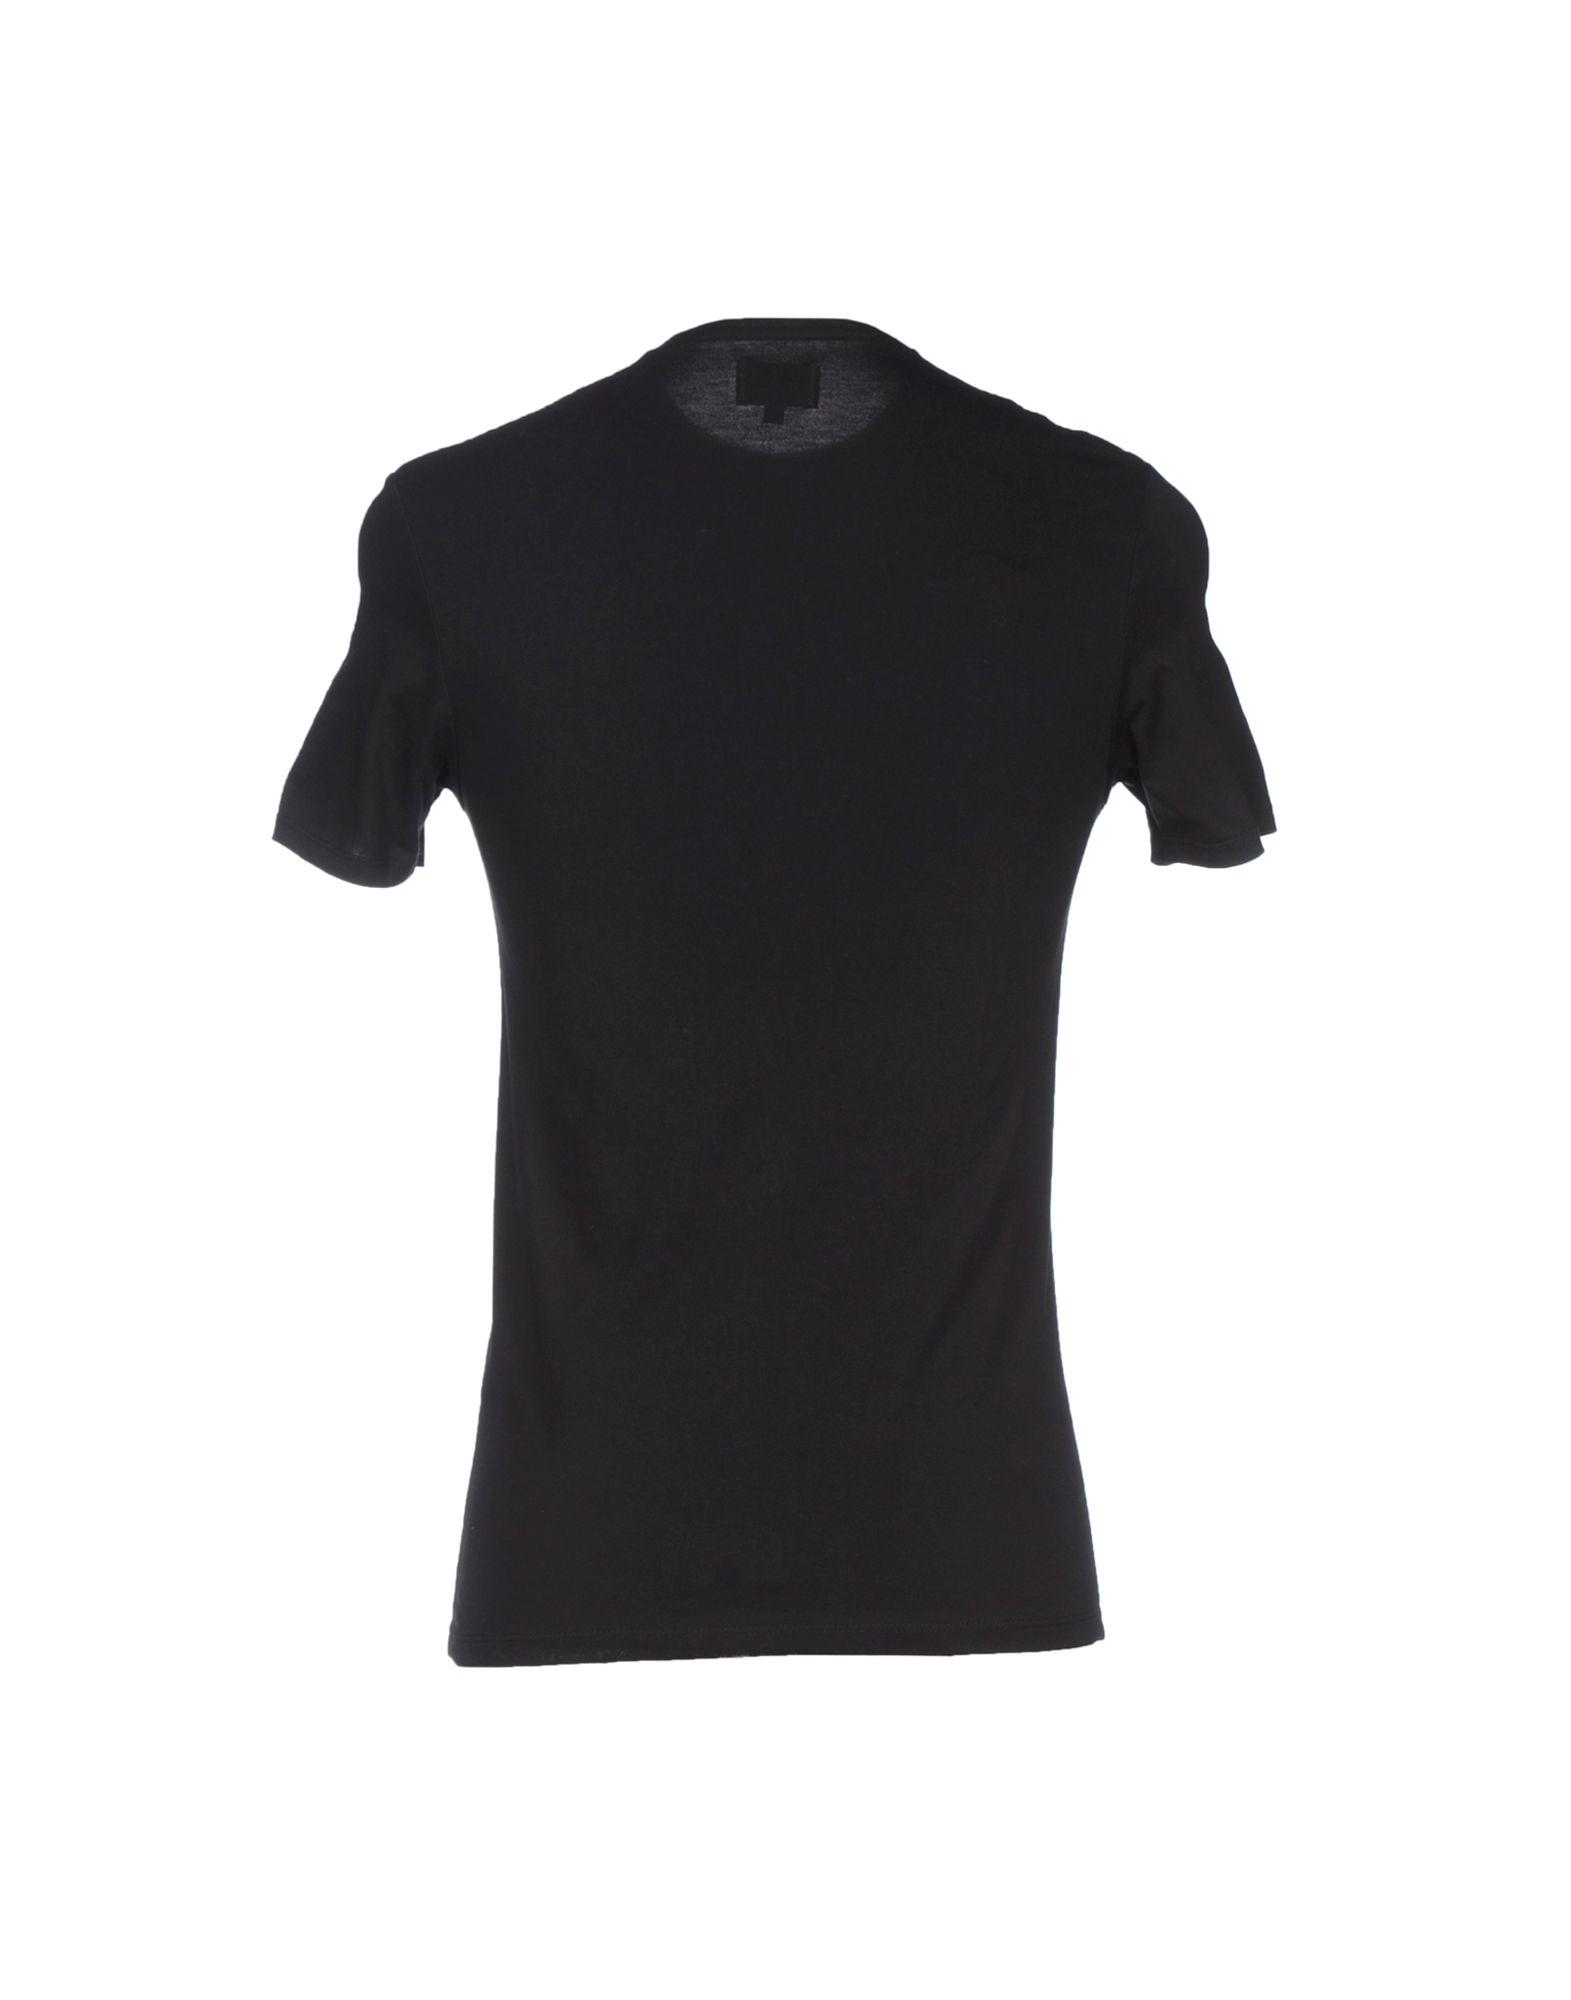 Levi 39 s t shirt in black for men lyst for Mens black levi shirt